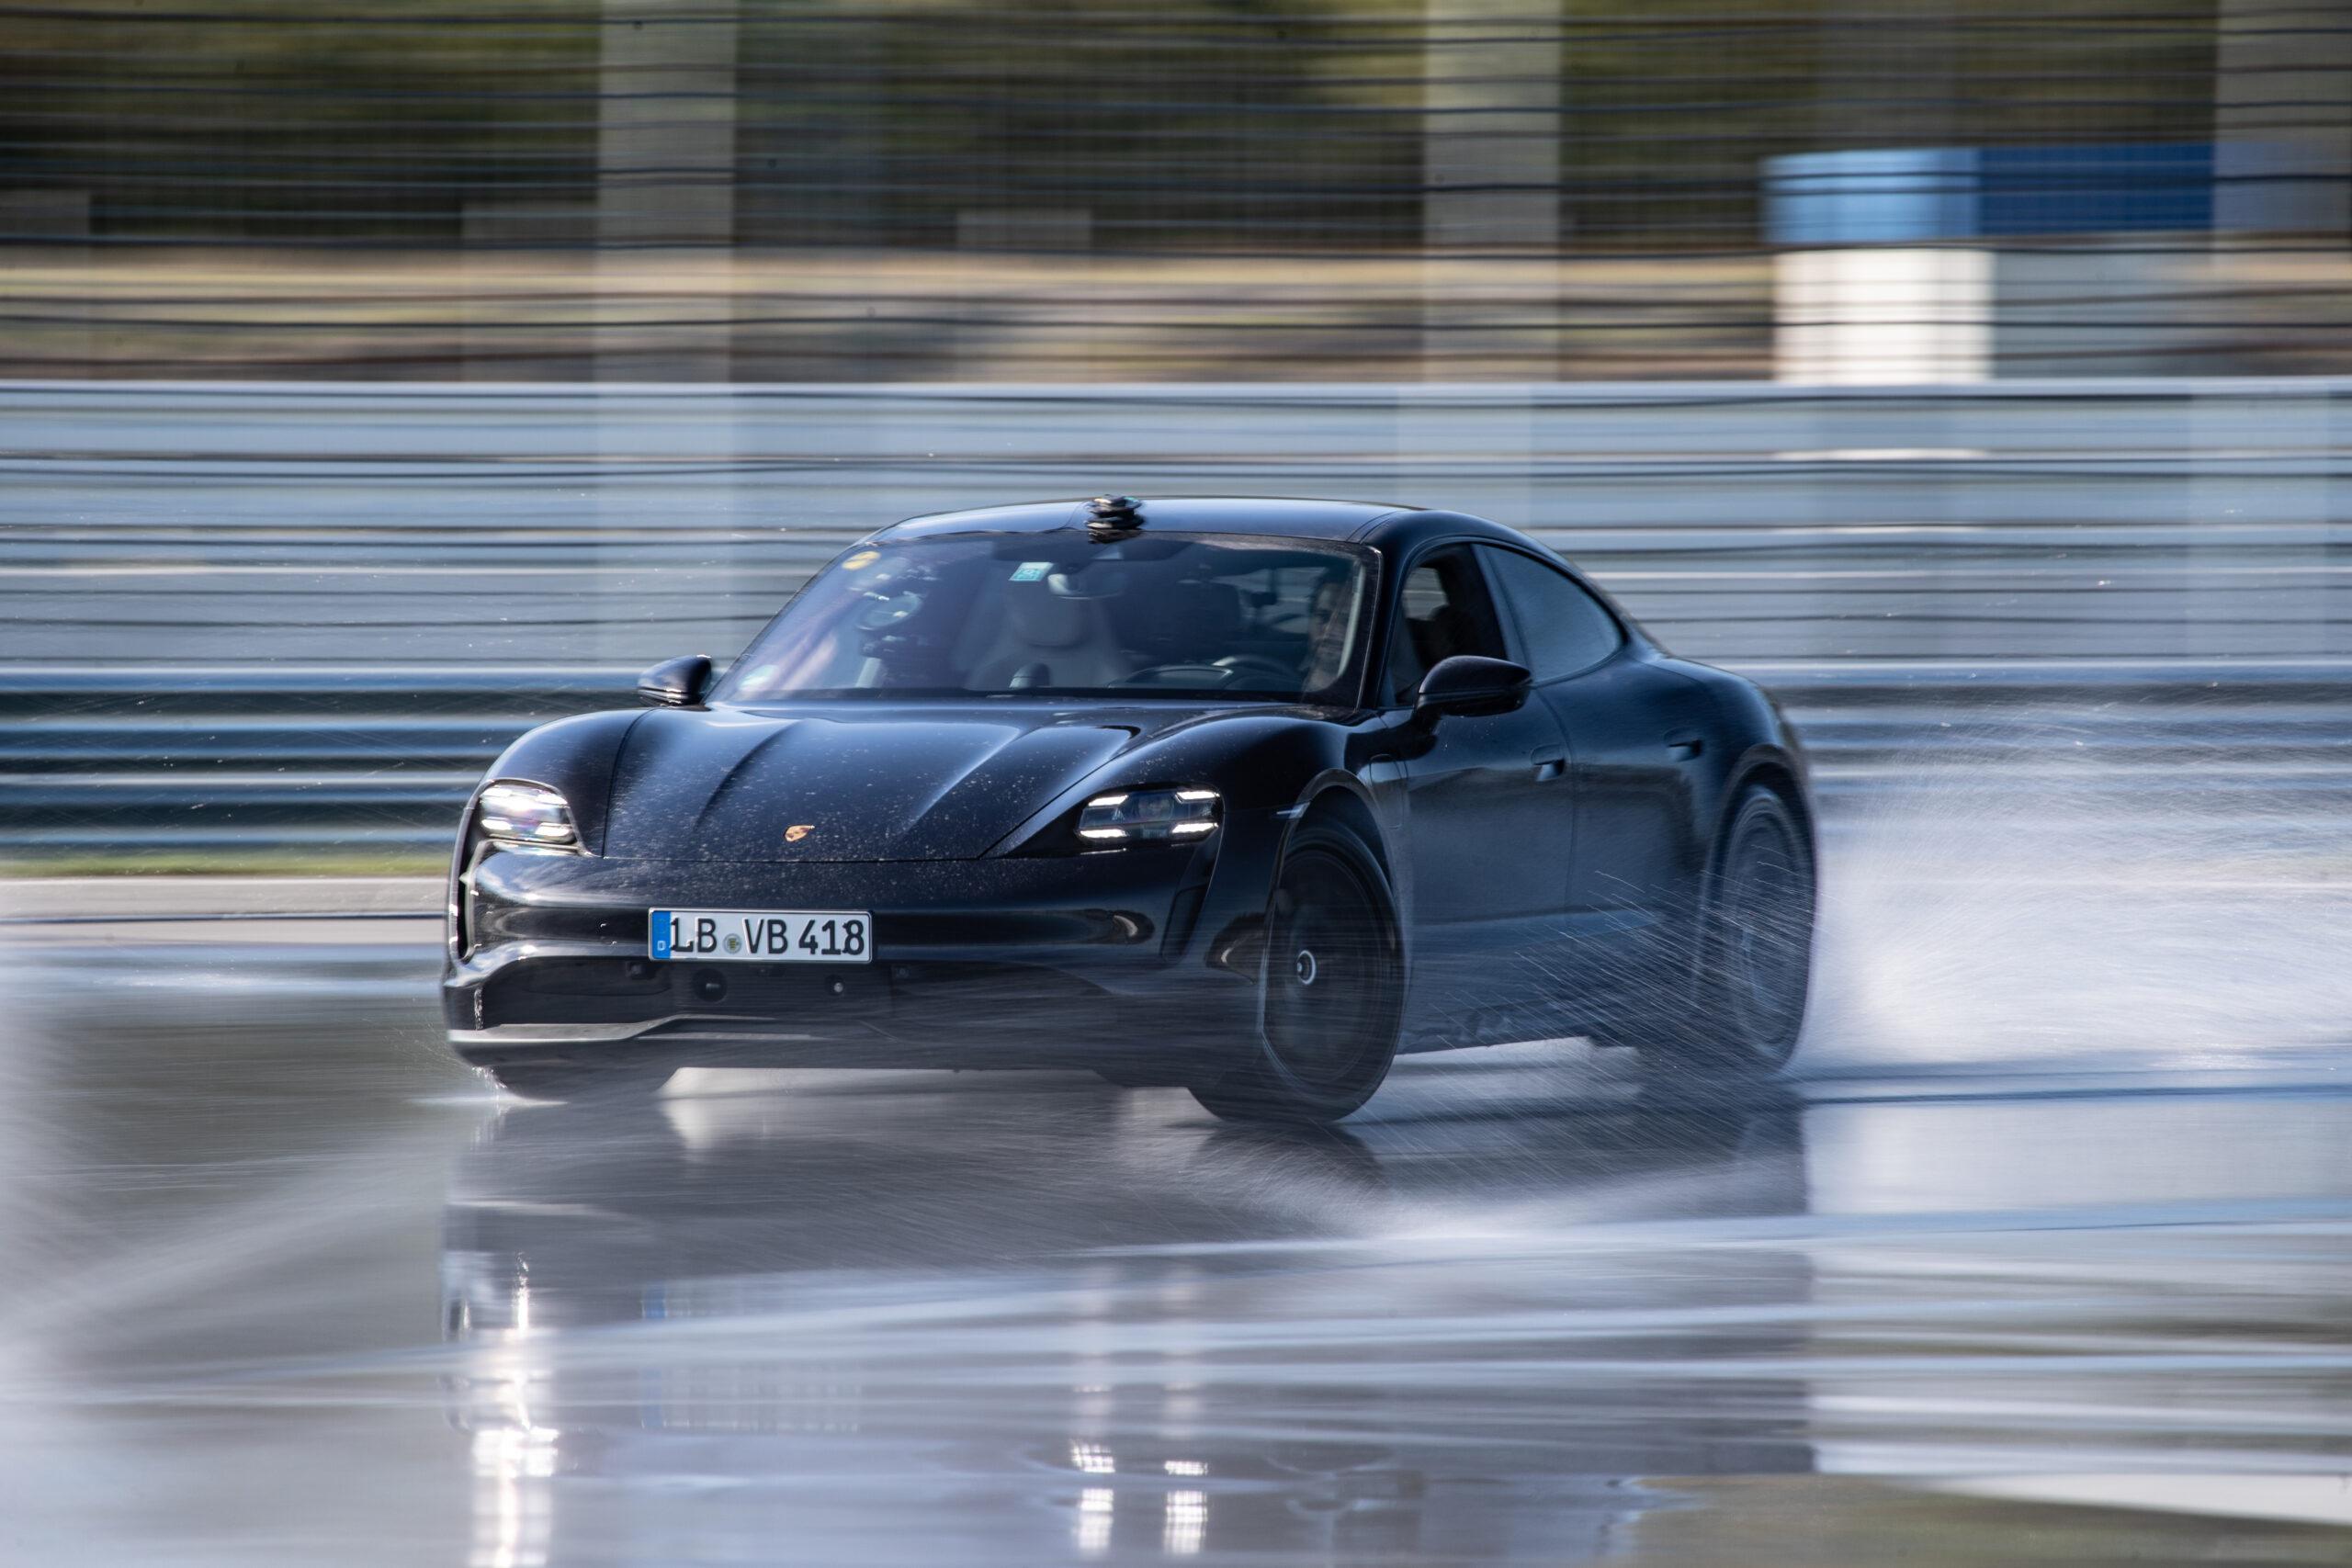 Porsche Taycan nel Guinness dei primati, è sua la derapata elettrica più lunga del mondo